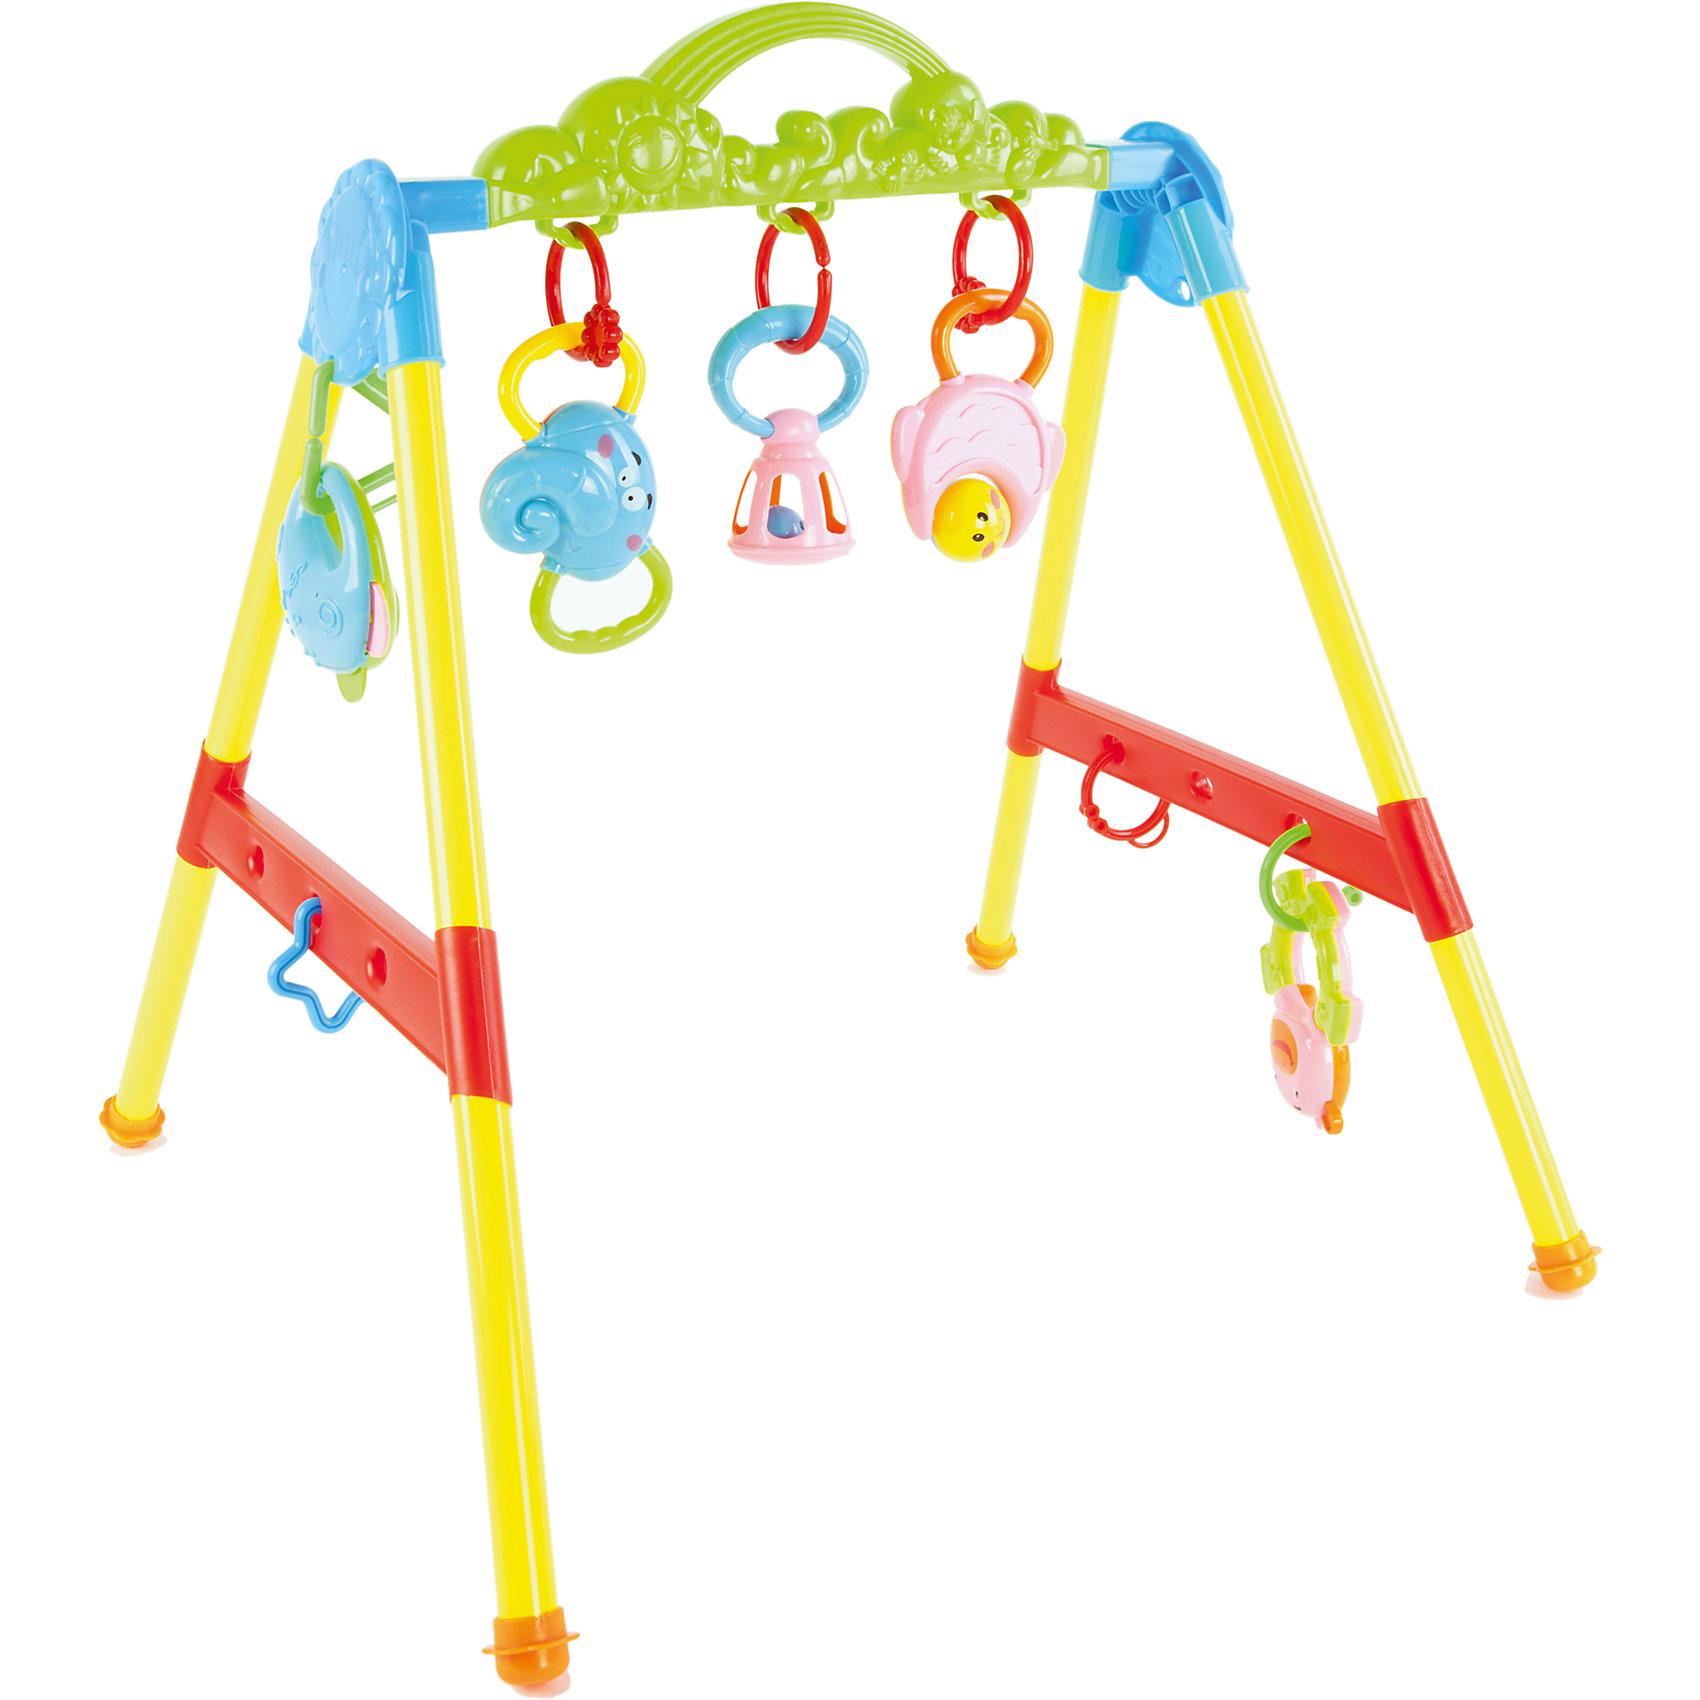 Игровой комплекс Малыш-2, Shantou GepaiИгрушки для малышей<br>Игровой комплекс Малыш-2, Shantou Gepai – это веселый модуль-игрушка, с которым так весело играть и развиваться! Модуль ставится на плоскую поверхность и к нему прикрепляются игрушки-подвески. С этим модулем можно играть как лежа, так и сидя, а когда придет время, с ним можно и научиться стоять и играть. Яркие цвета модуля придут малышу по вкусу и помогут ему развить цветовосприятие, а текстурные игрушки и погремушки поспособствуют развитию звукового и тактильного восприятия.<br>Дополнительная информация:<br><br>- В комплект входит: 1 игровой комплекс, игрушки-подвески<br>- Материал: АБС пластик<br>- Размер: 50 * 8,5 * 23,5 см<br><br>Игровой комплекс Малыш-2, Shantou Gepai можно купить в нашем интернет-магазине.<br><br>Подробнее:<br>• Для детей в возрасте: от 3 месяцев до 3 лет<br>• Номер товара: 4925504<br>Страна производитель: Китай<br><br>Ширина мм: 500<br>Глубина мм: 85<br>Высота мм: 235<br>Вес г: 2406<br>Возраст от месяцев: 3<br>Возраст до месяцев: 36<br>Пол: Унисекс<br>Возраст: Детский<br>SKU: 4925504